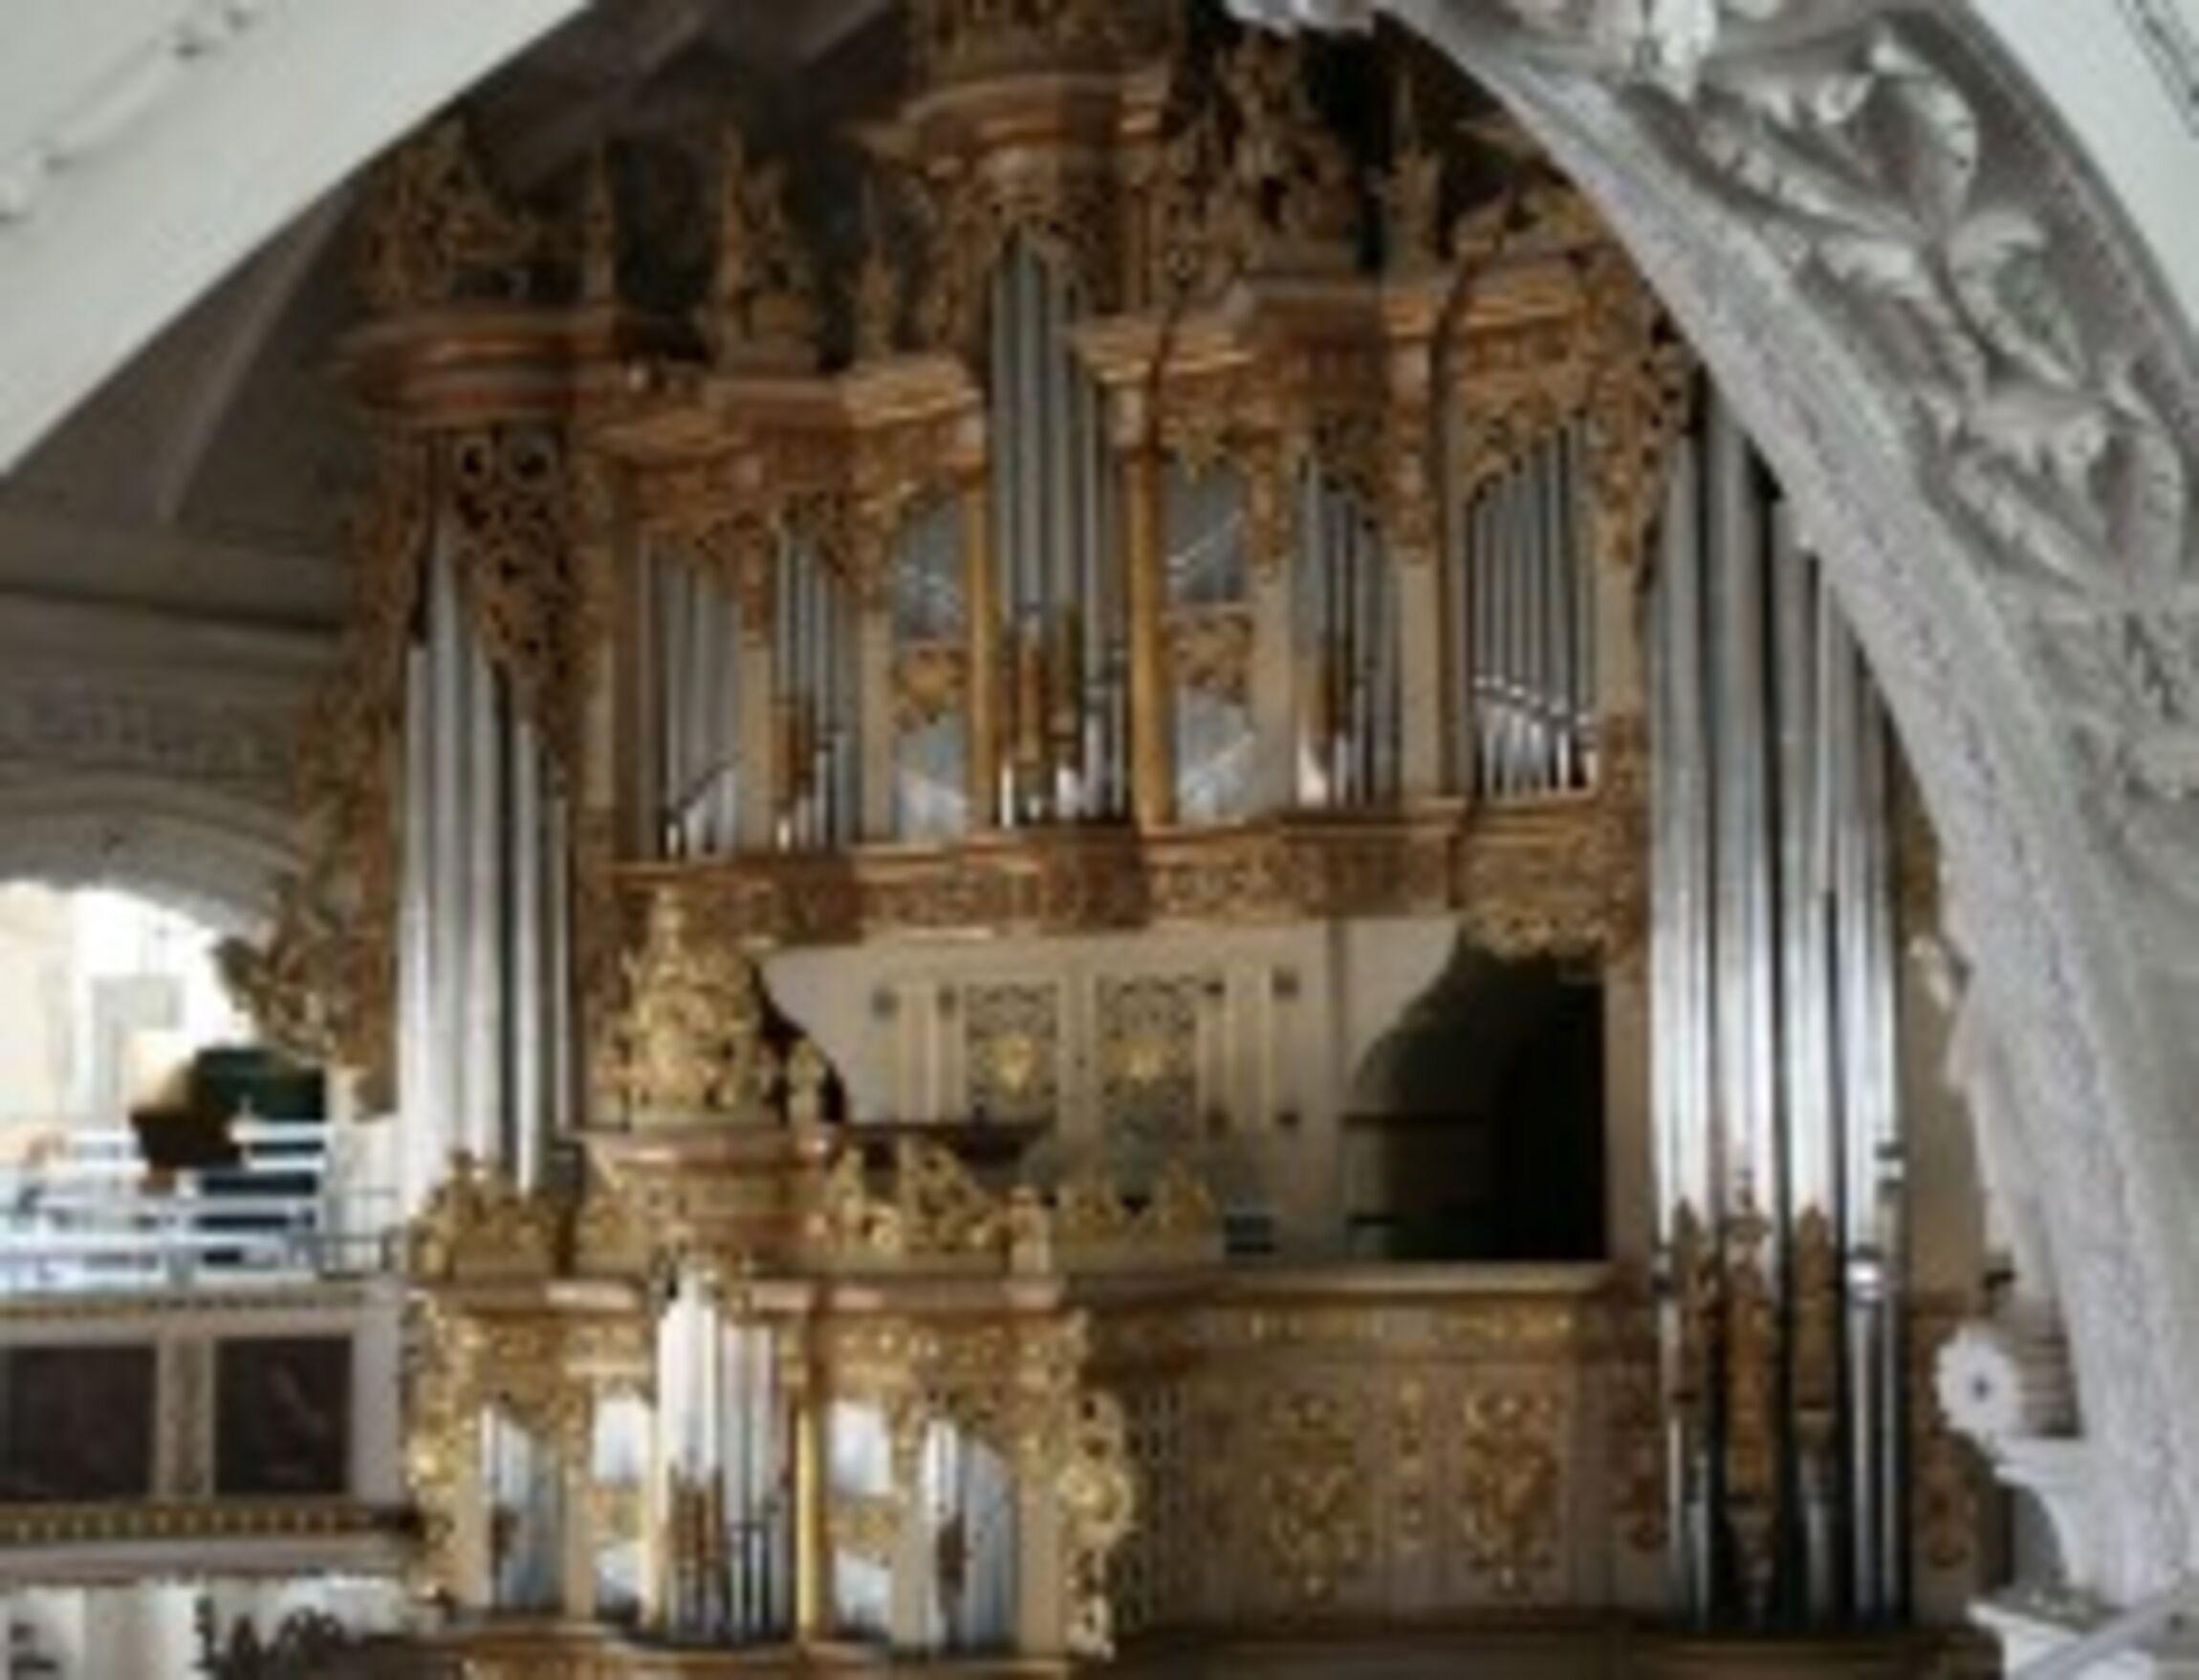 Orgel fuer Veranstaltung